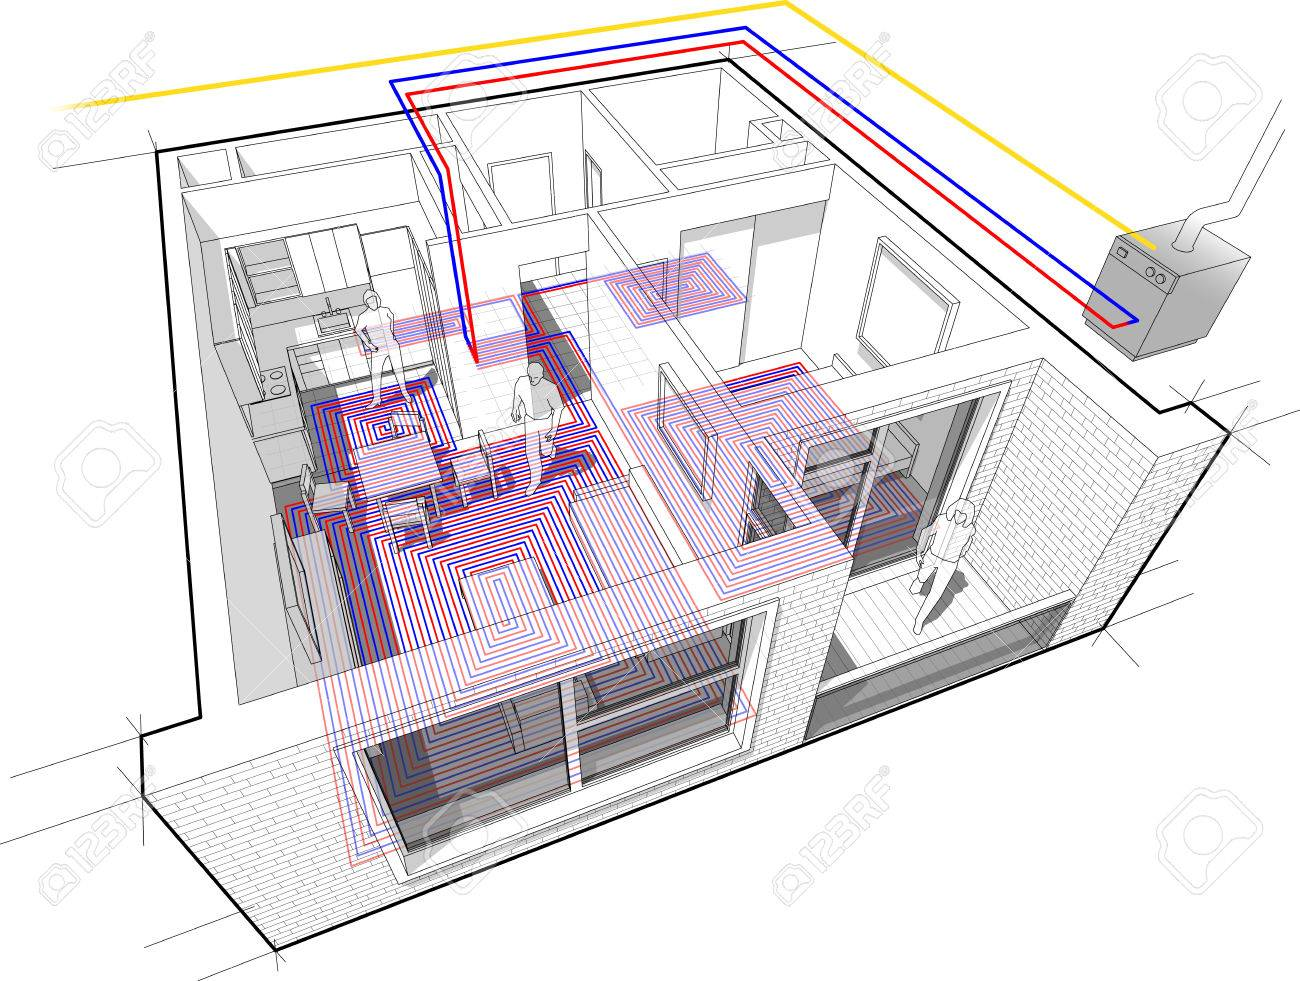 Perspektivische Schnittbild Eines Ein-Zimmer-Wohnung Komplett Mit ...